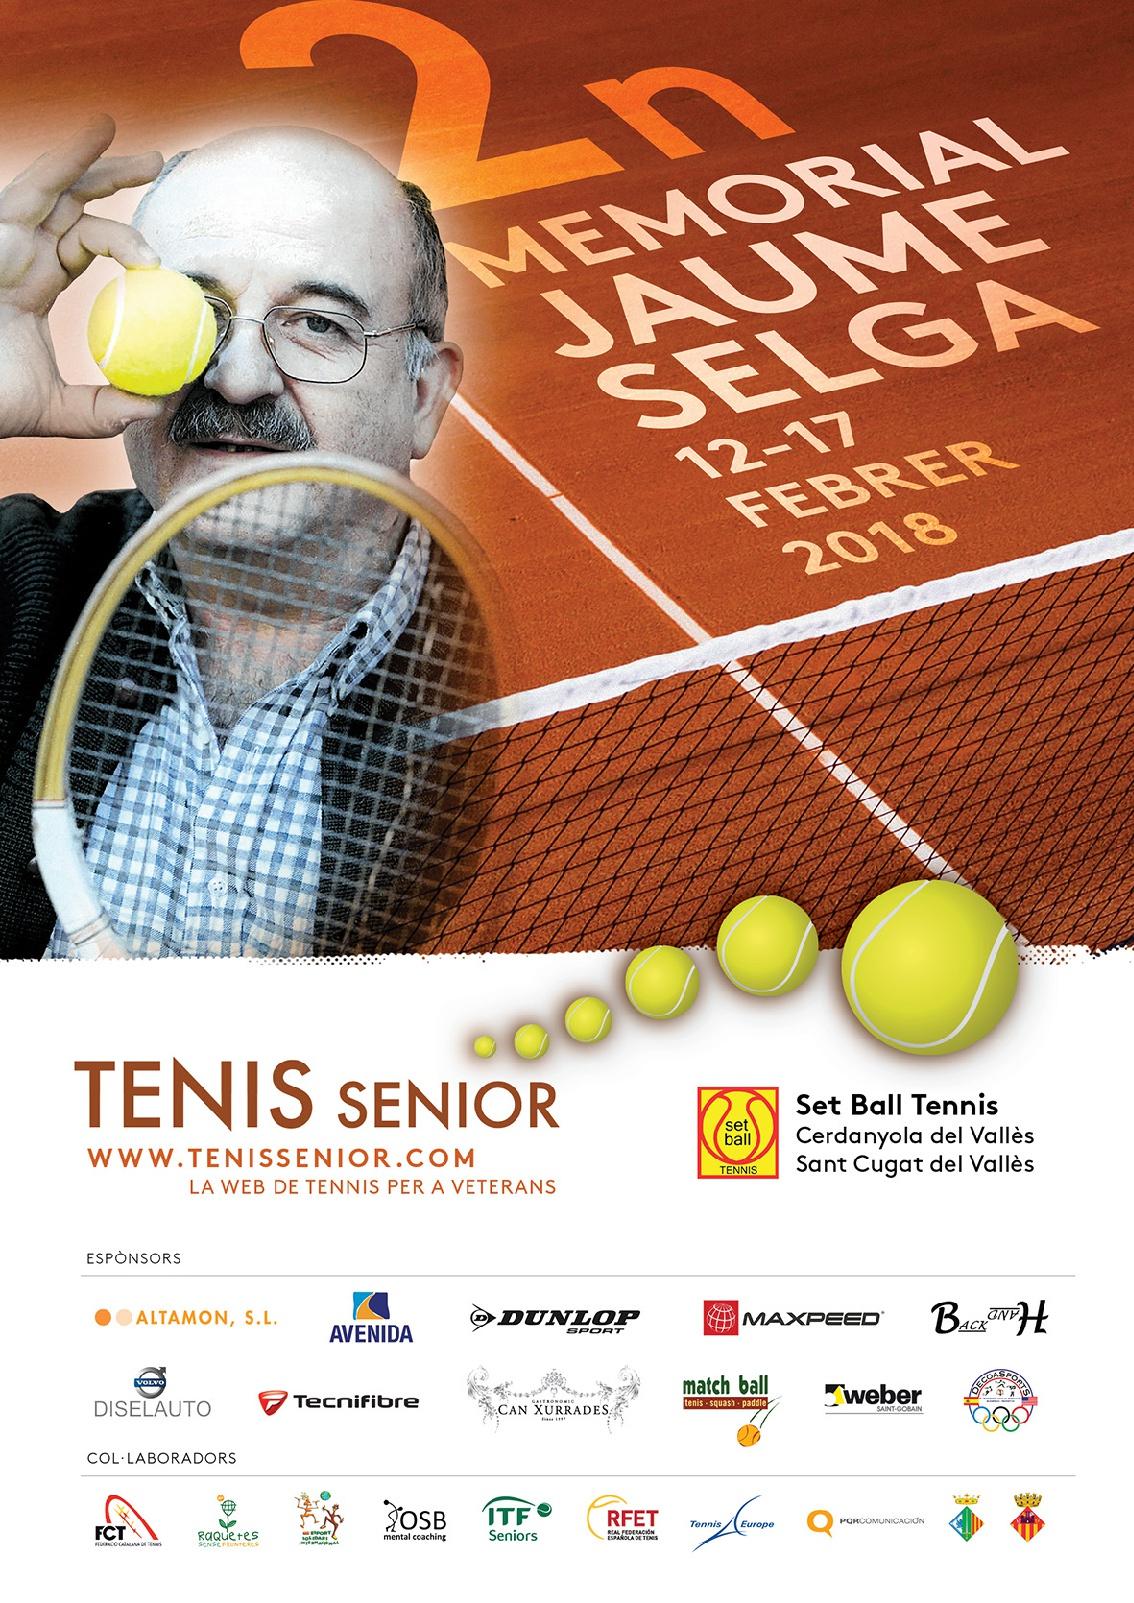 Memorial Jaume Selga - ITF